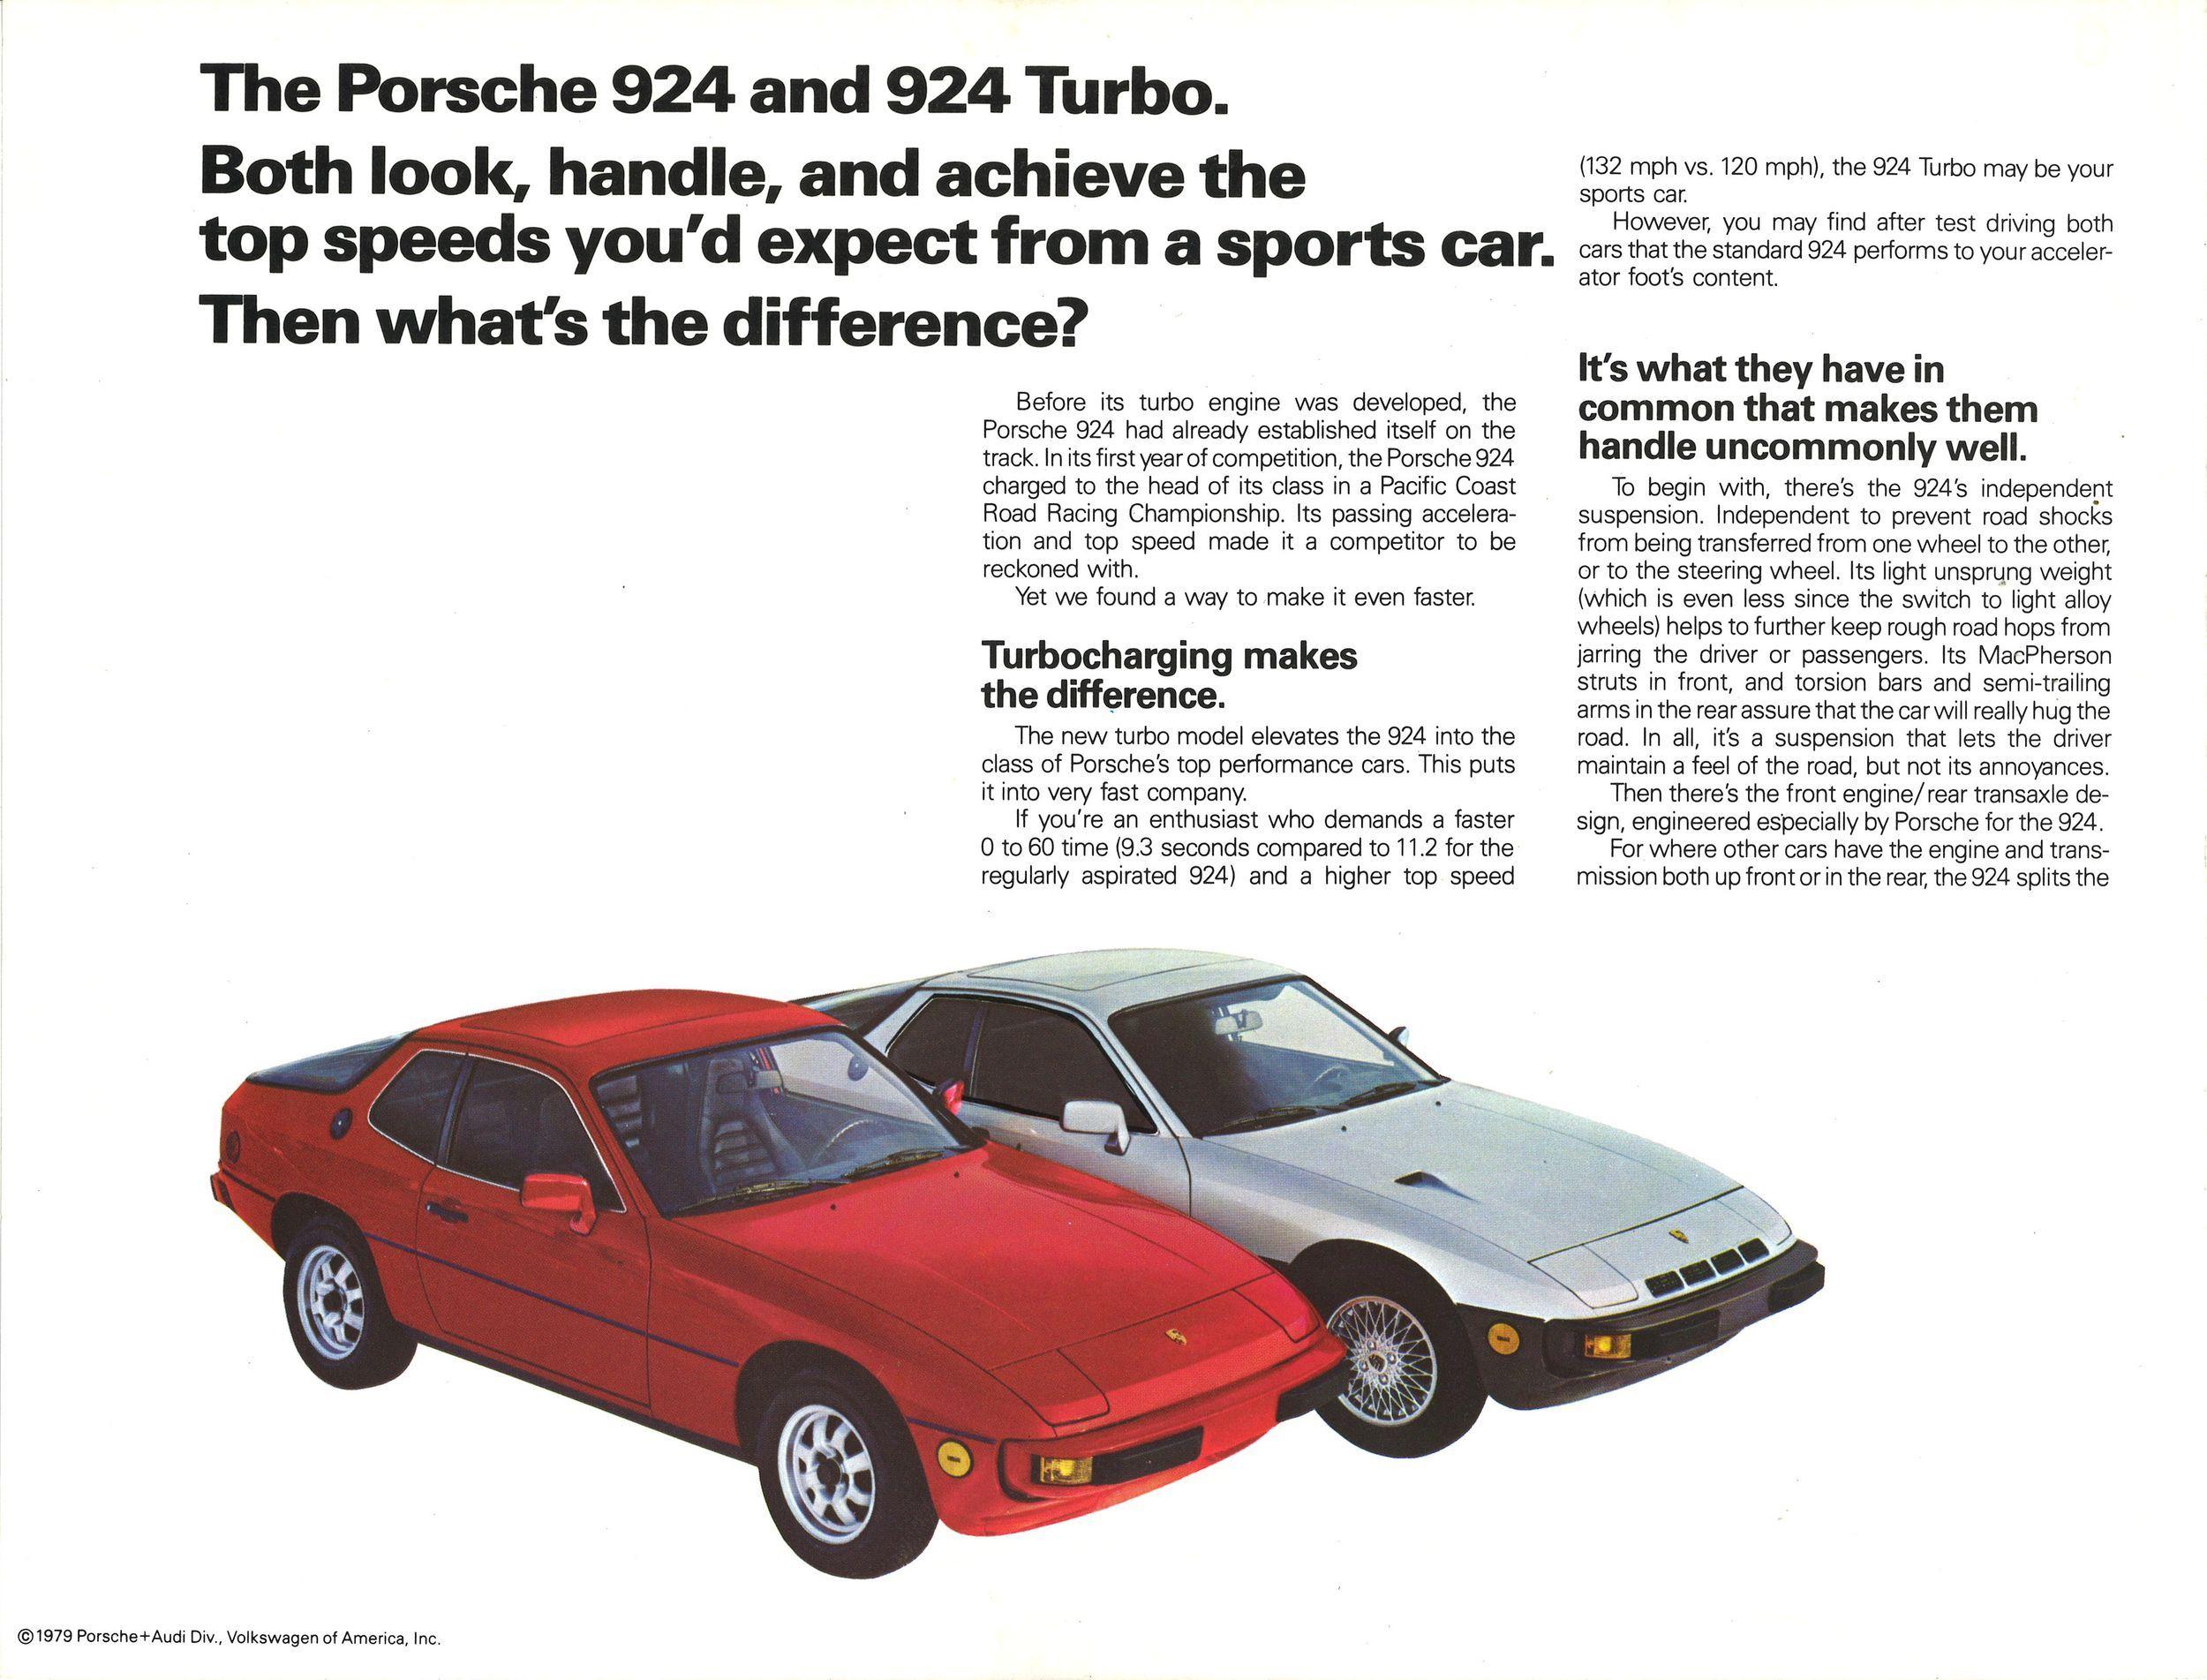 Boost Made It Better: 1979 Porsche 924 Turbo brochure | Pinterest ...